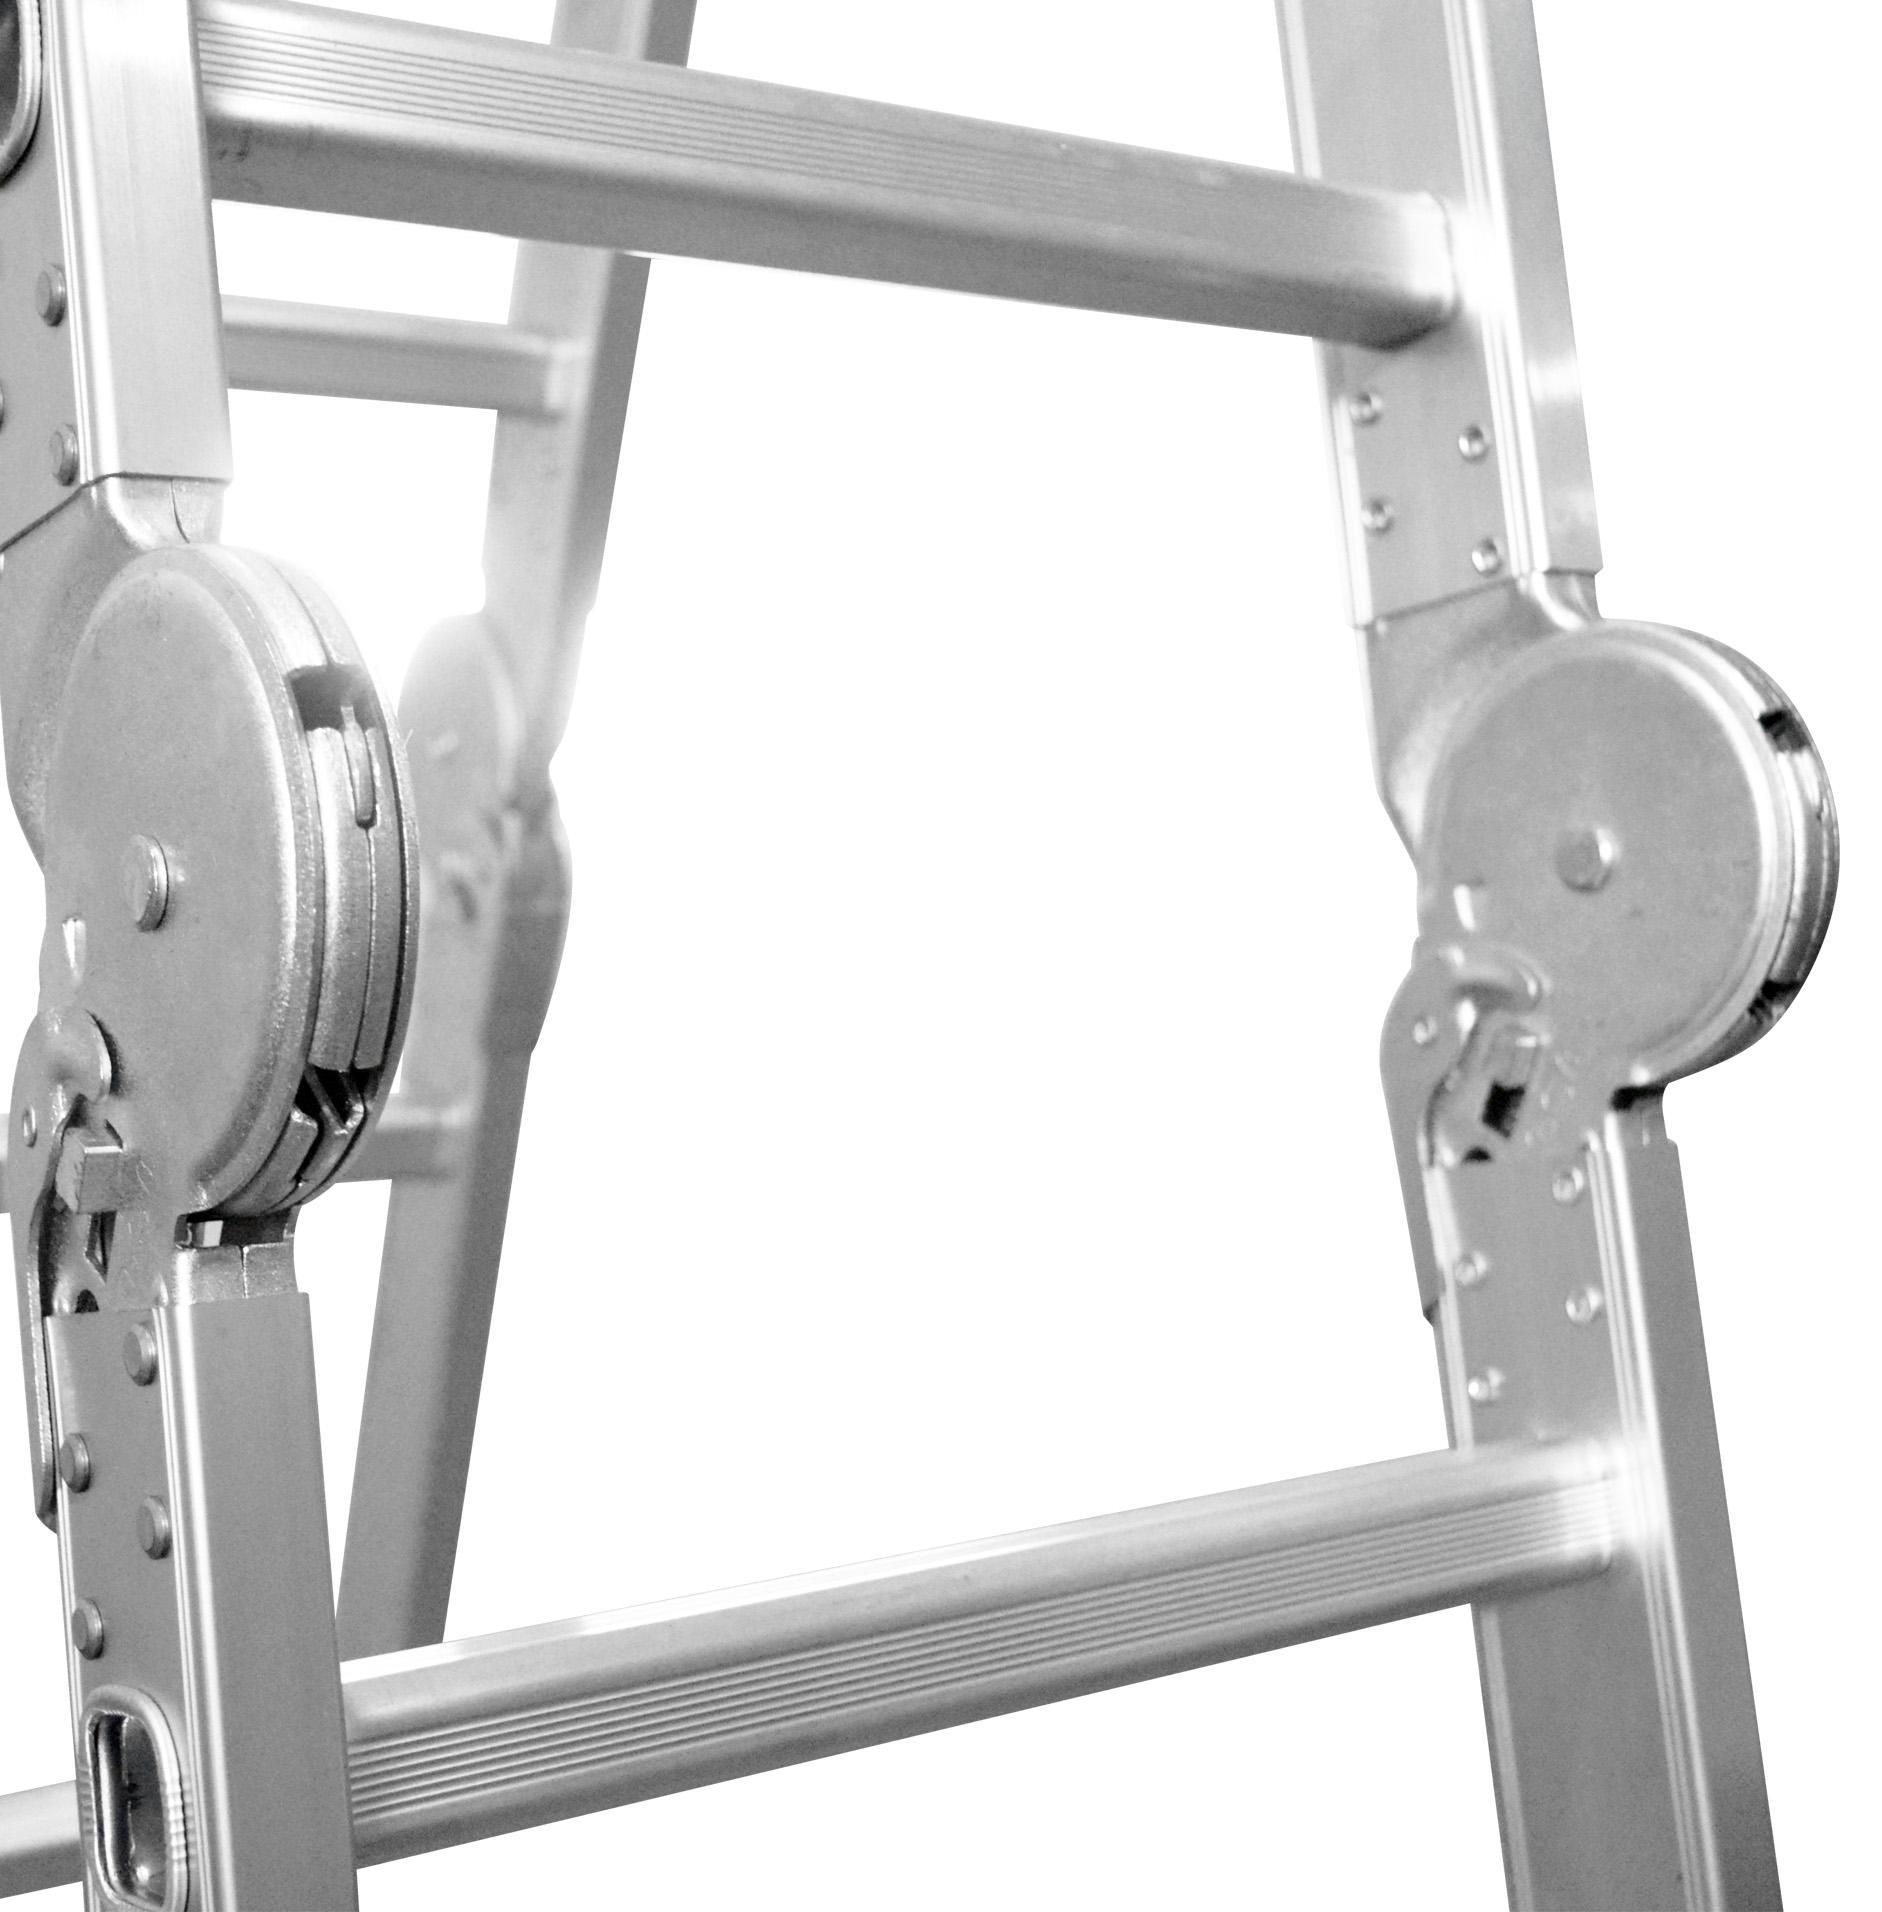 Fitur Ladder Tangga Lipat M403d 12 Step Silver Bentuk A 1 7 Meter Aluminium Dalton Ml 406 17 Engsel Tahan Lama Kuat